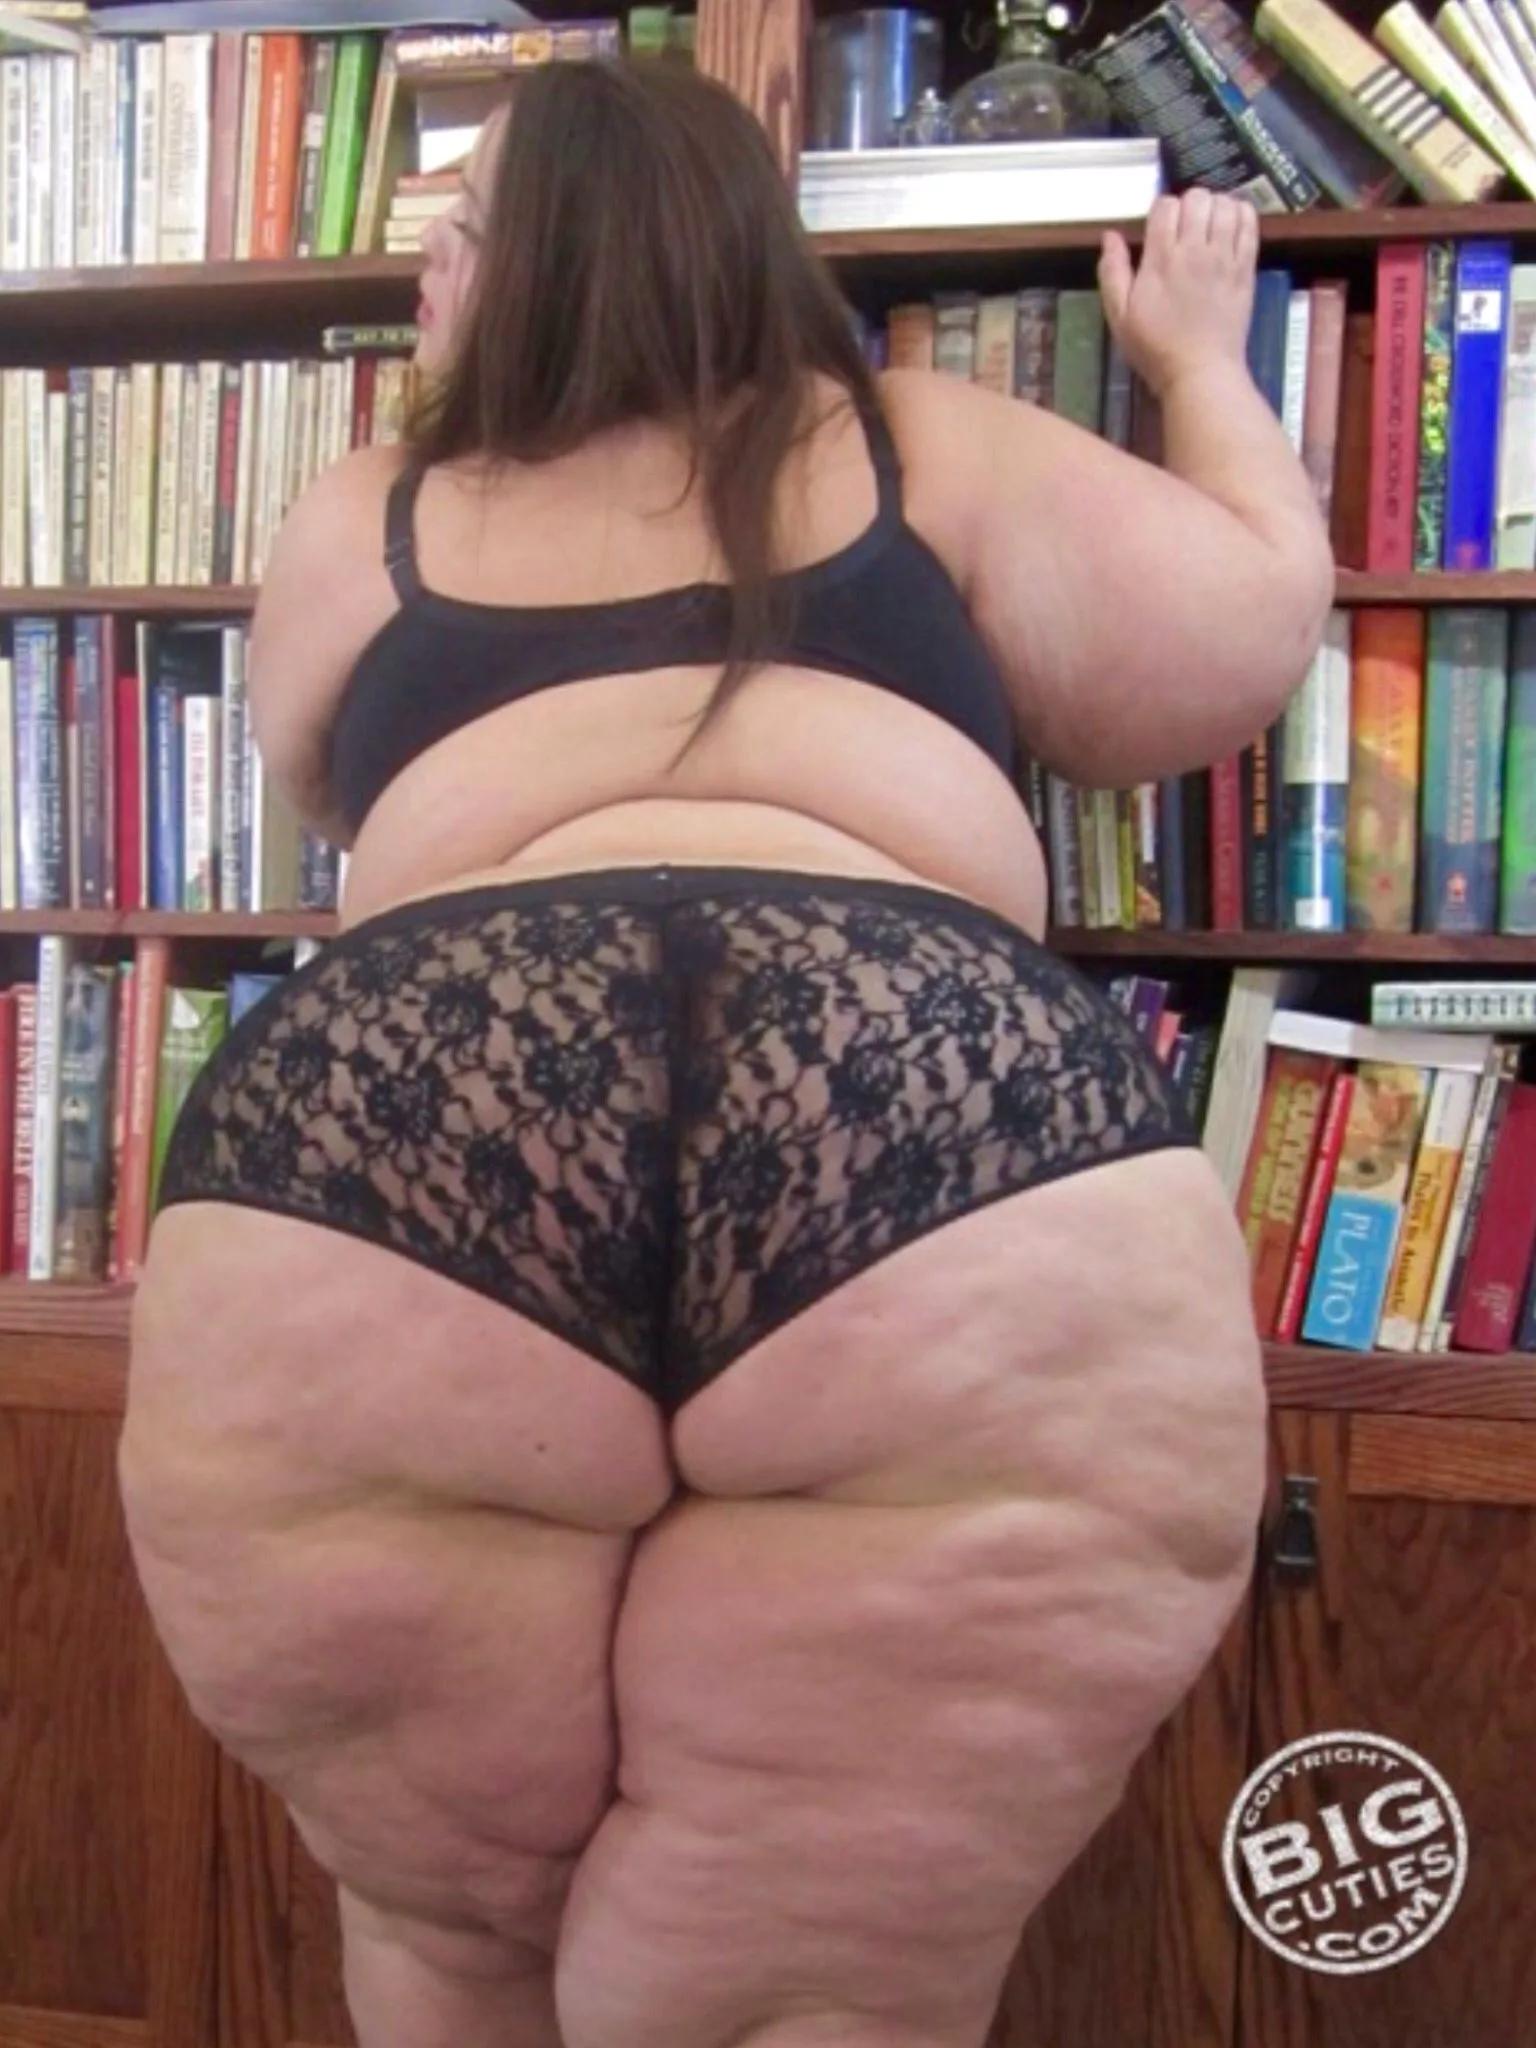 галирея фото толстые ноги бальшыд бедра и жирные жопы фото